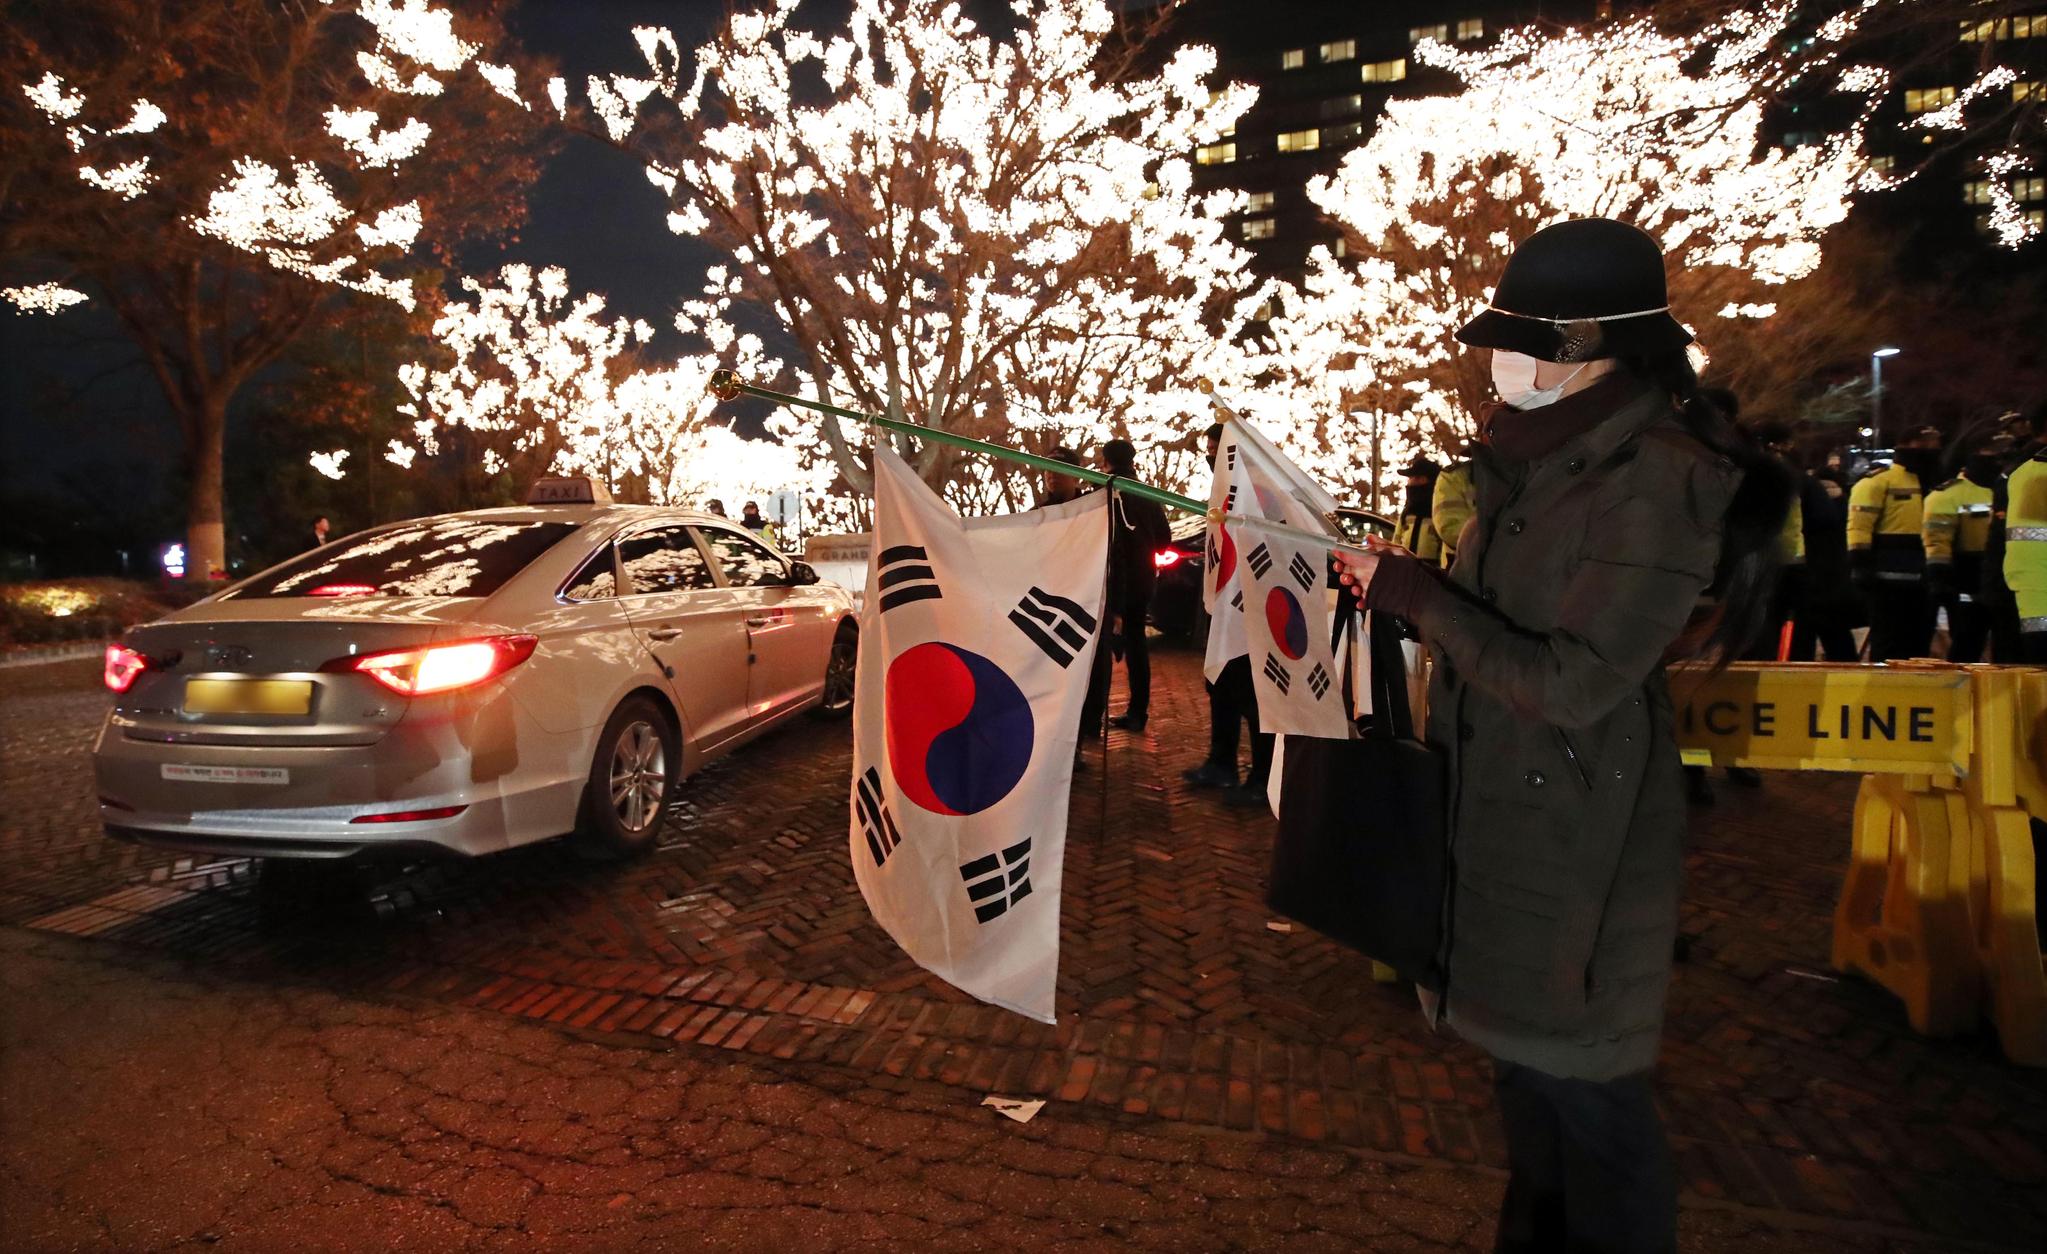 아키히토(明仁) 일왕 생일 기념 리셉션이 열린 6일 오후 그랜드하얏트서울에서 한 시민이 태극기를 들고 1인 시위를 하고 있다. [연합뉴스]